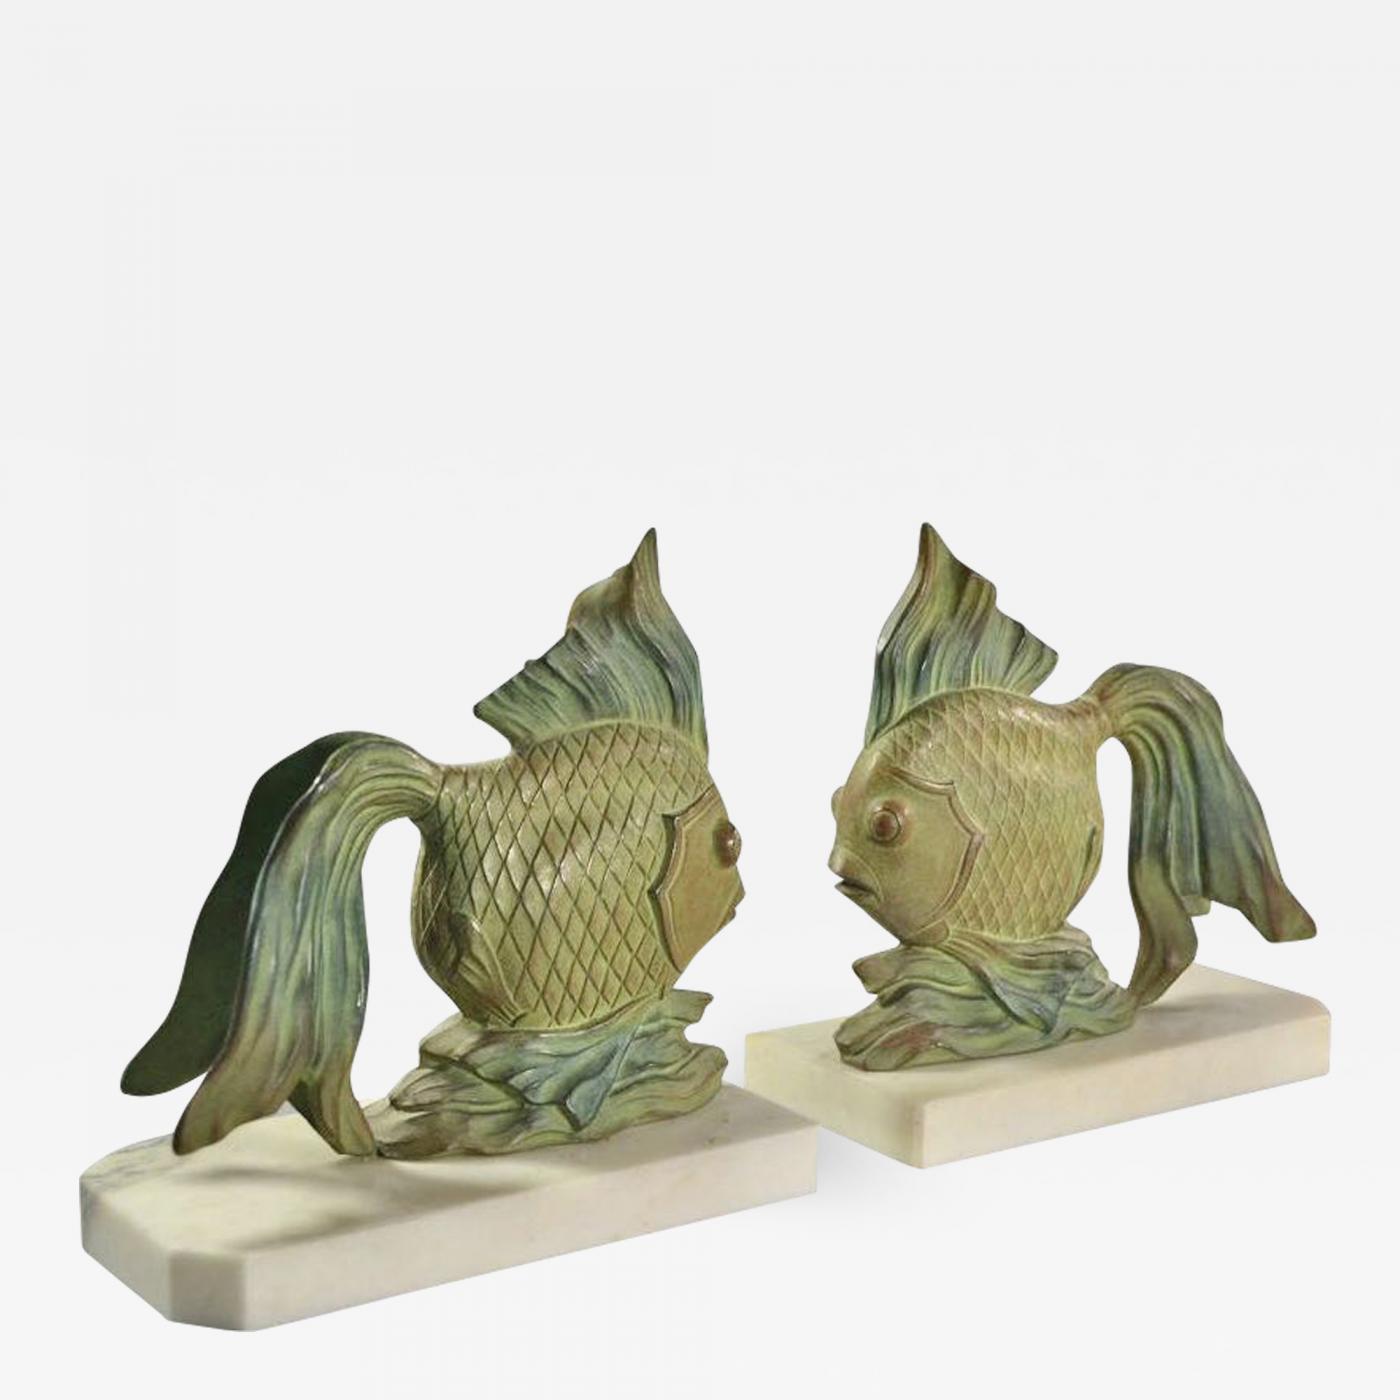 Art Deco Fish Bookends Sculptures